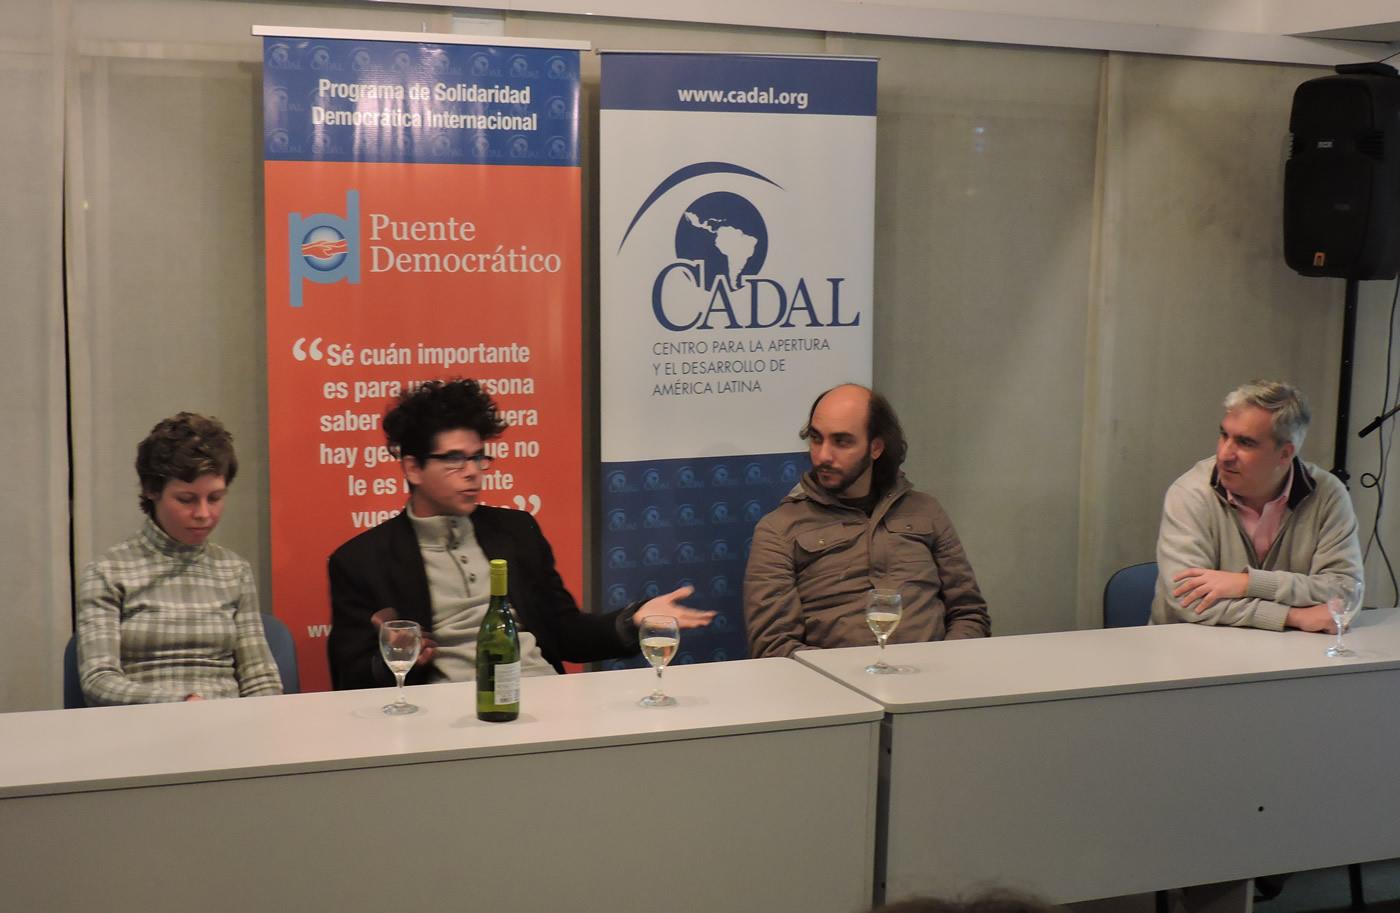 Libertad de expresión y diversionismo ideológico en Cuba